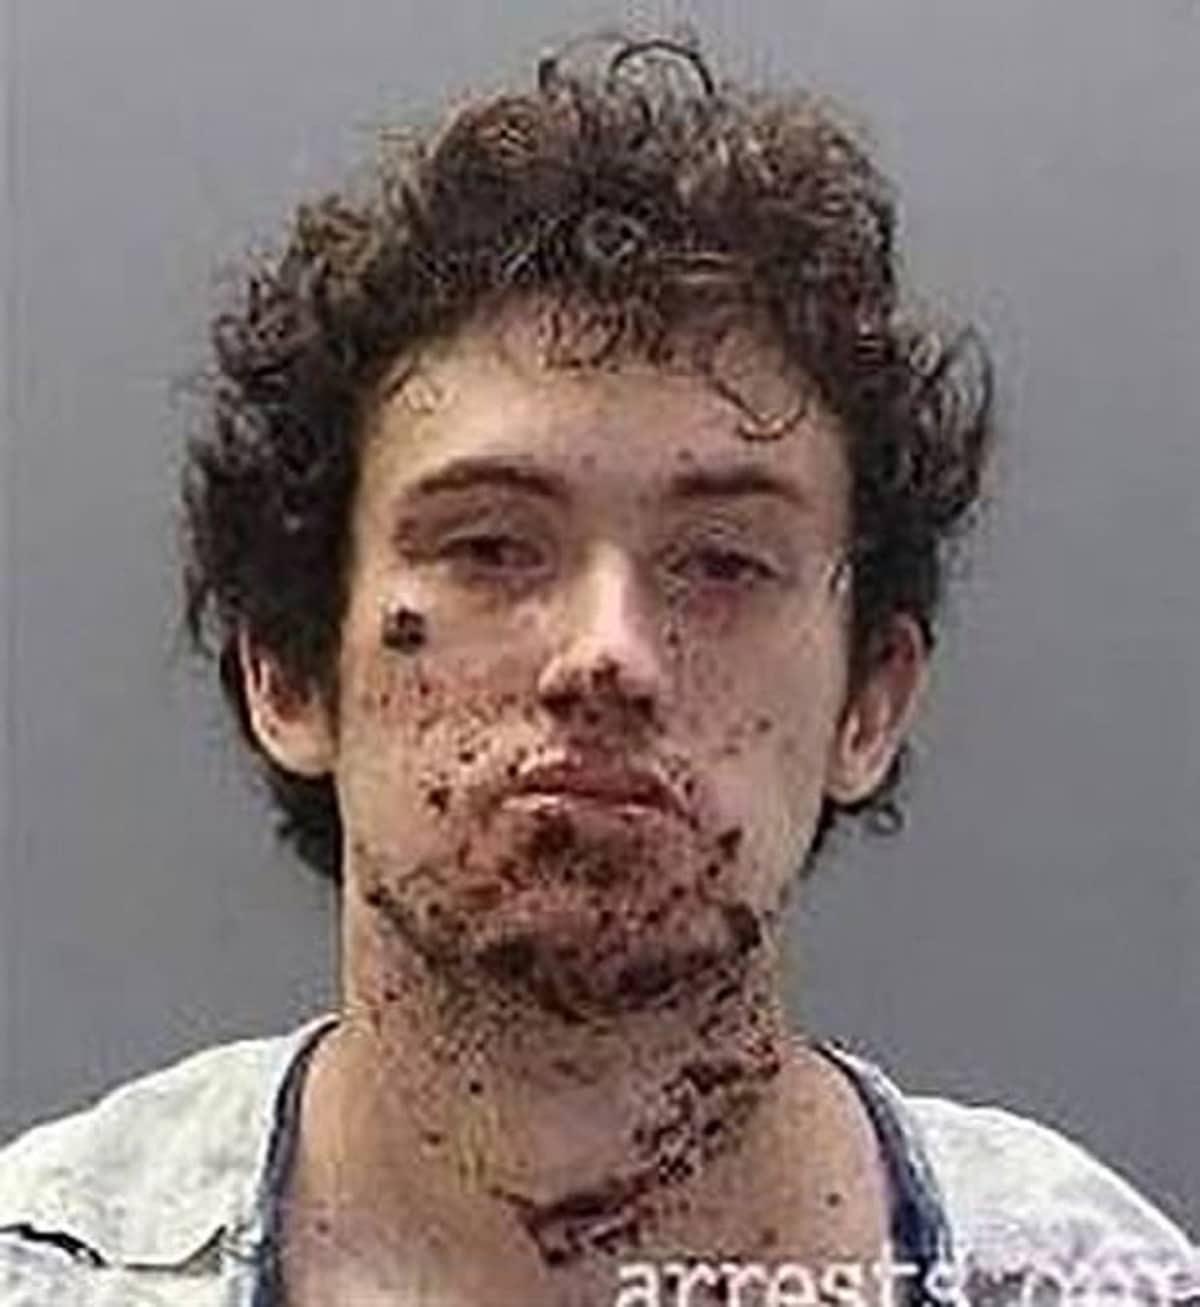 Vittima del suo stesso ordigno: 23enne perde una mano e viene arrestato. Voleva colpire un mall